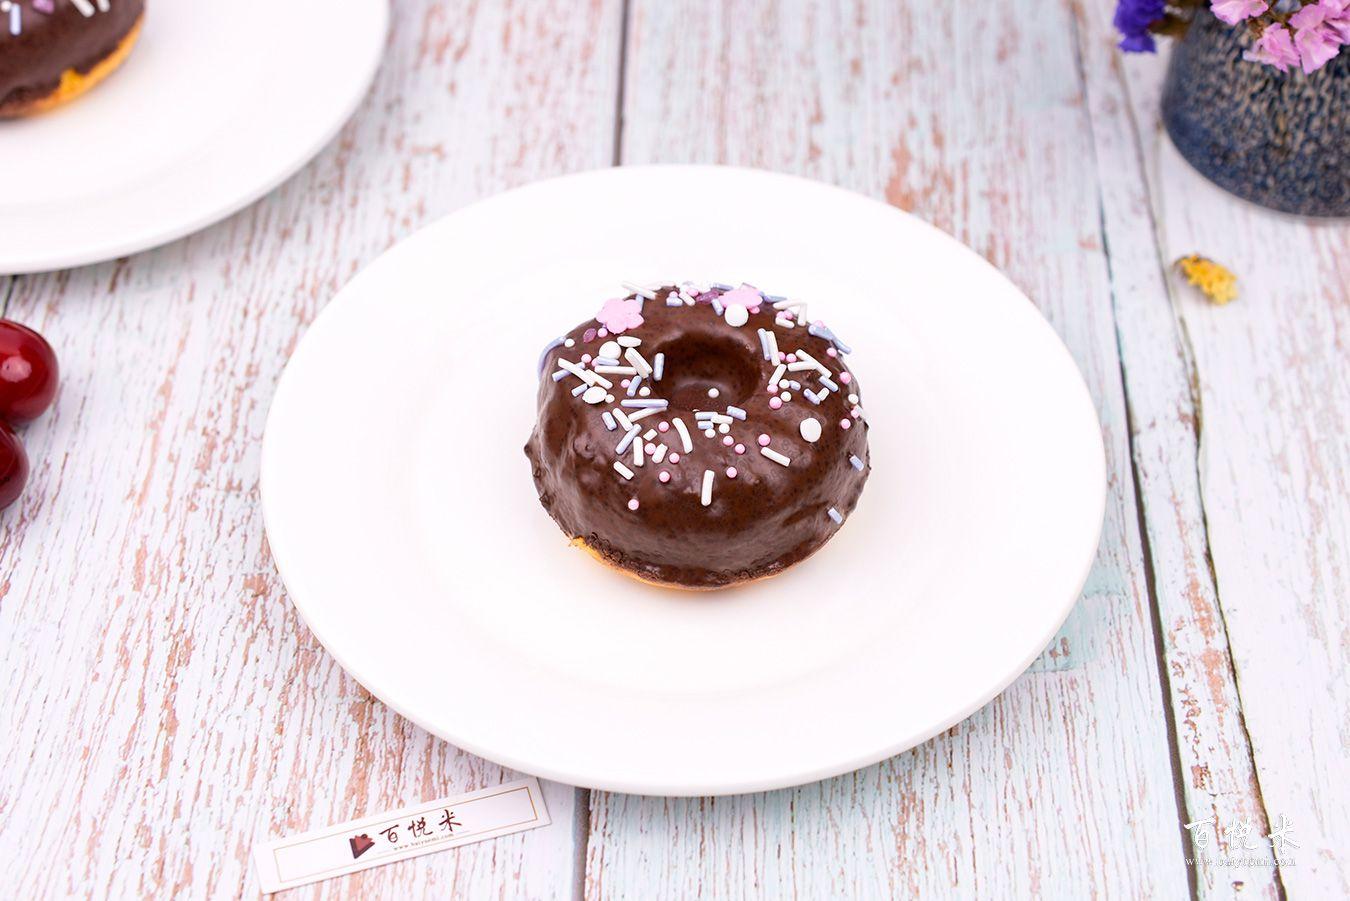 甜甜圈高清图片大全【蛋糕图片】_656